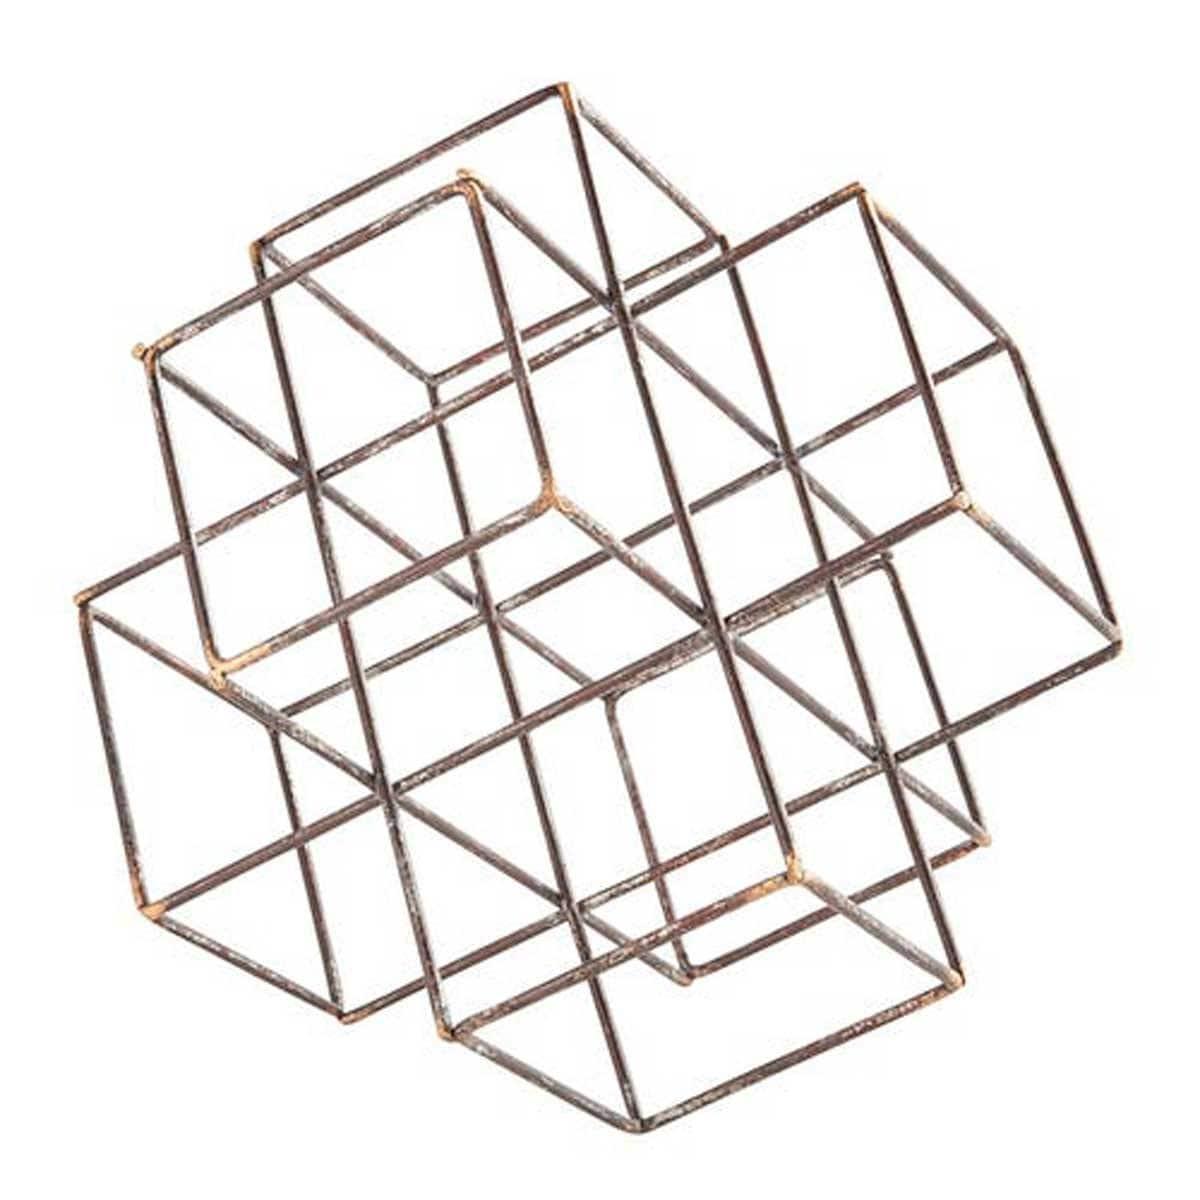 Escultura de Metal Cube Pier 1 Imports